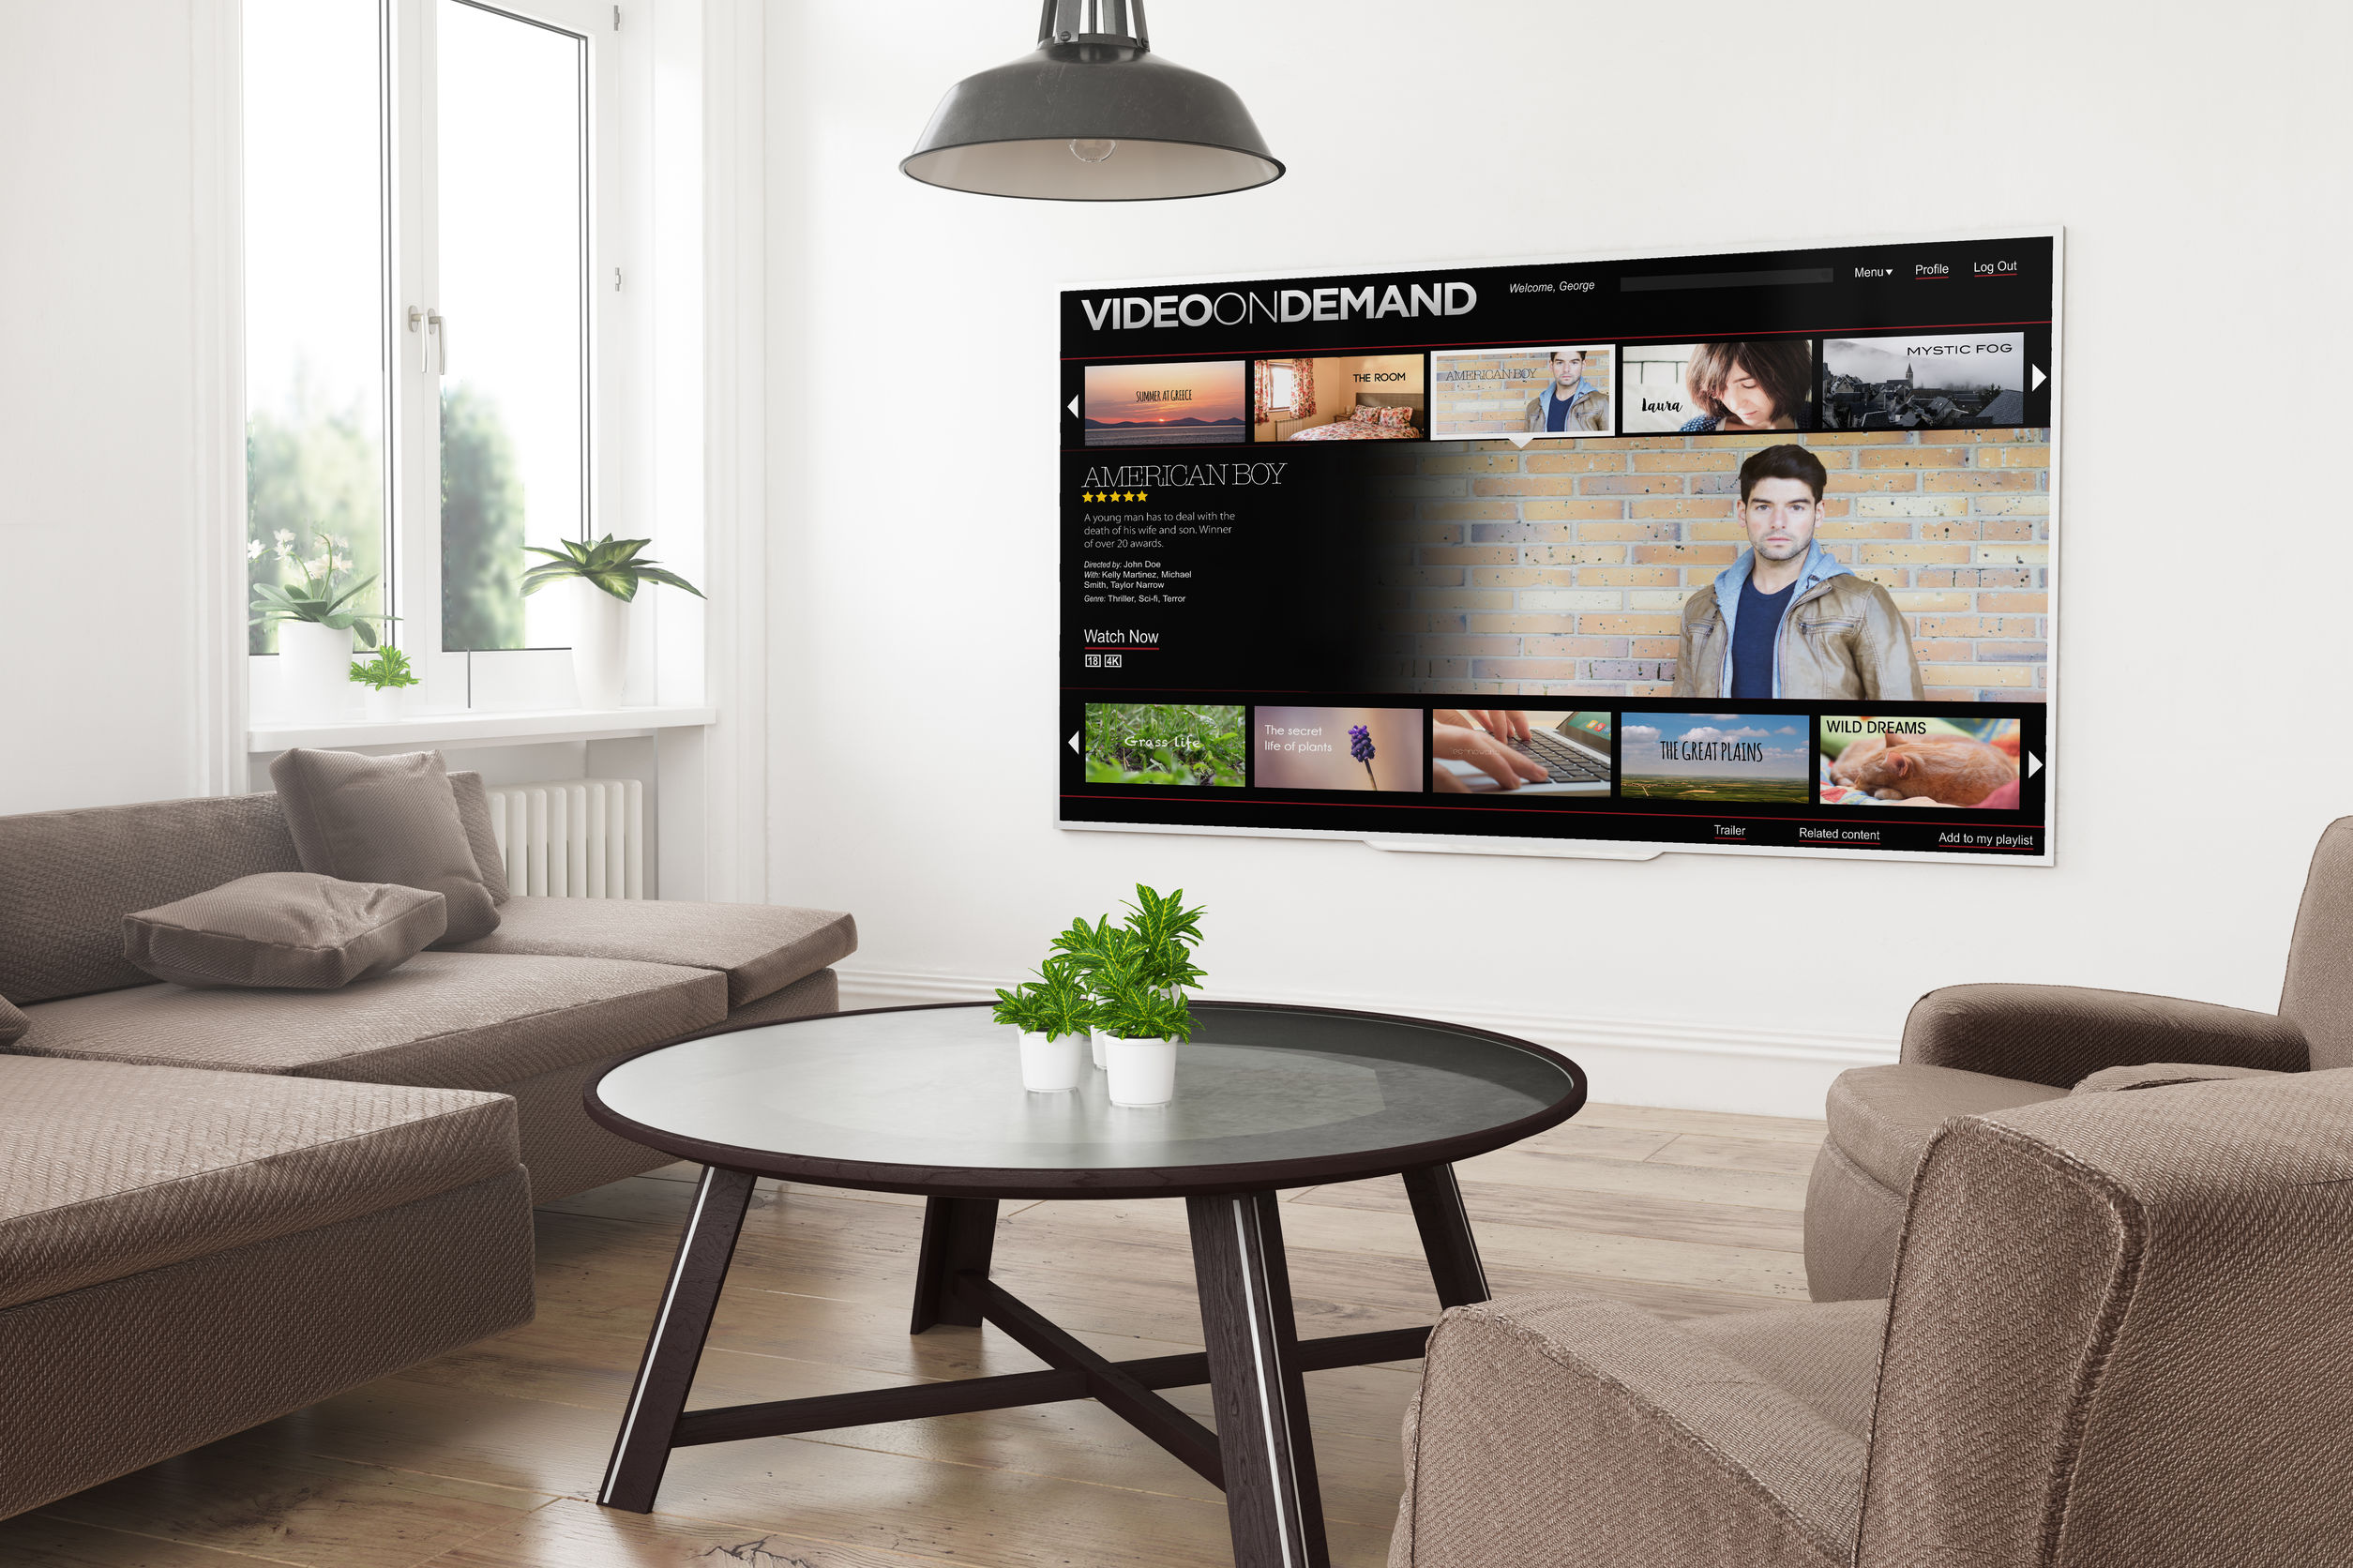 Sala de estar moderna com smart tv na parede.